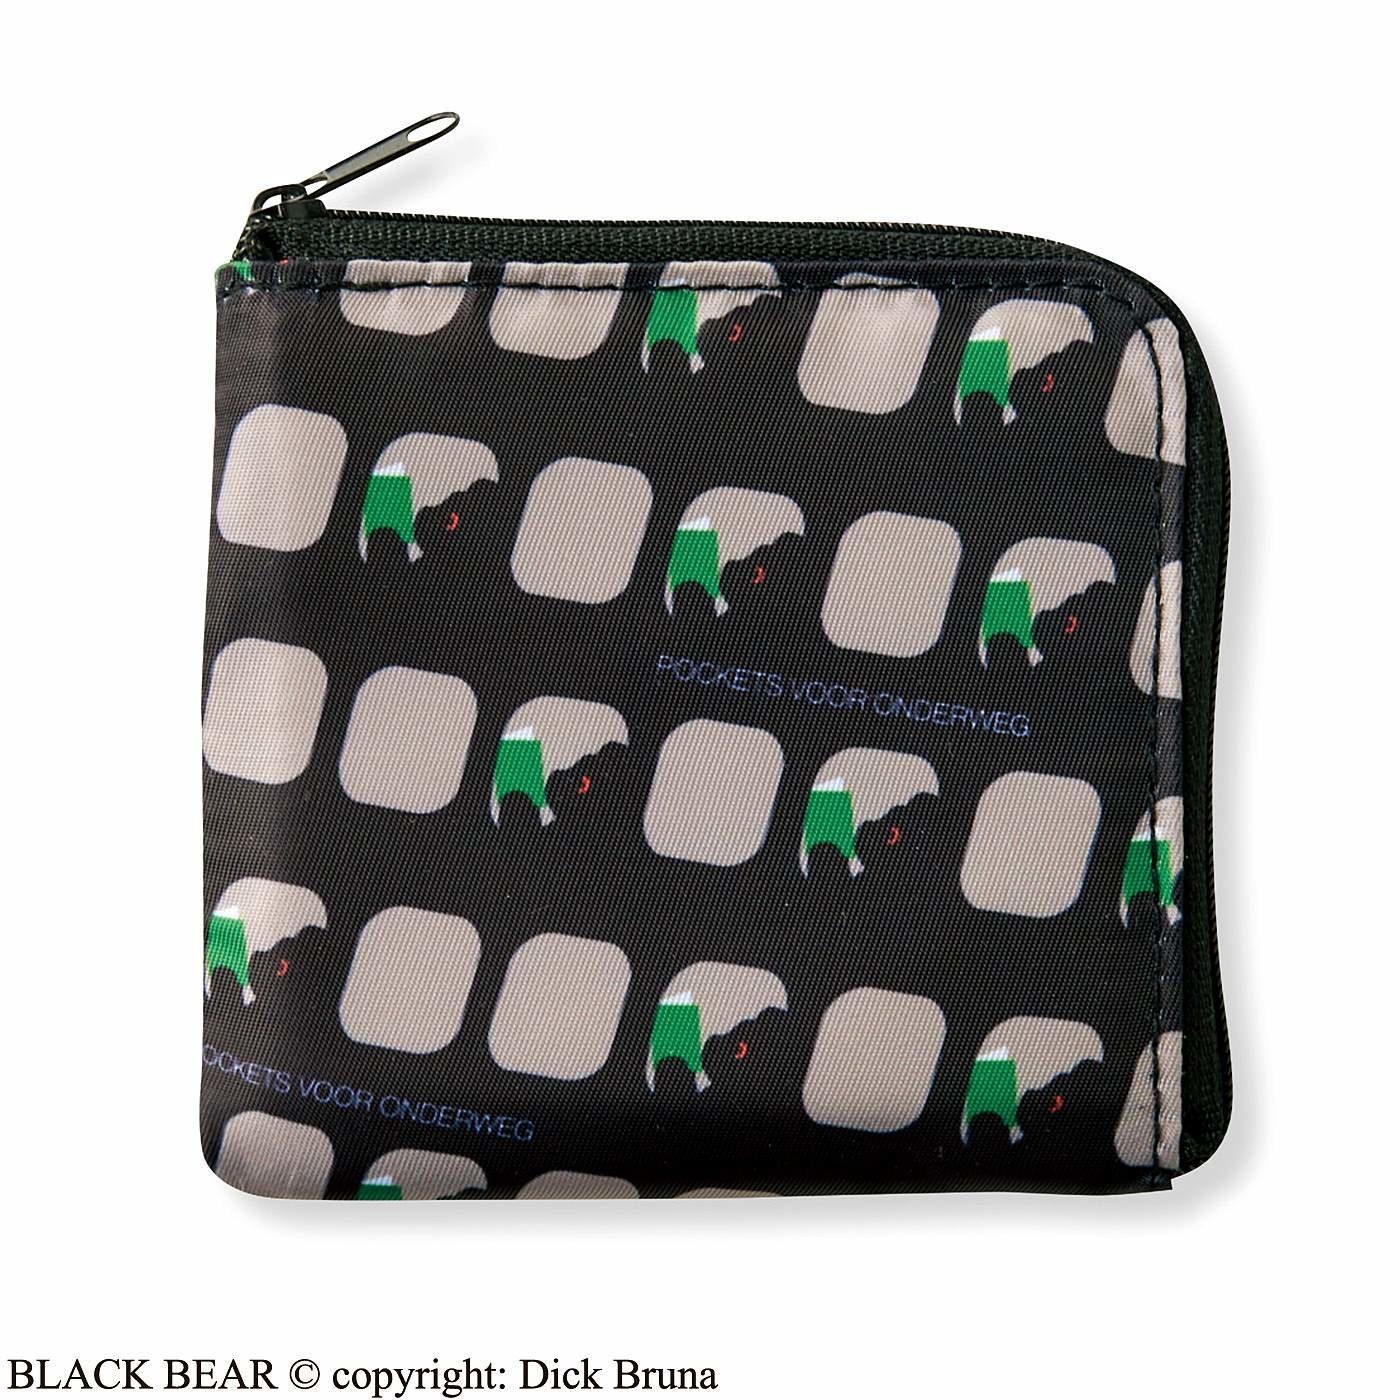 ブラック・ベア L字型ファスナーが便利なコンパクト財布